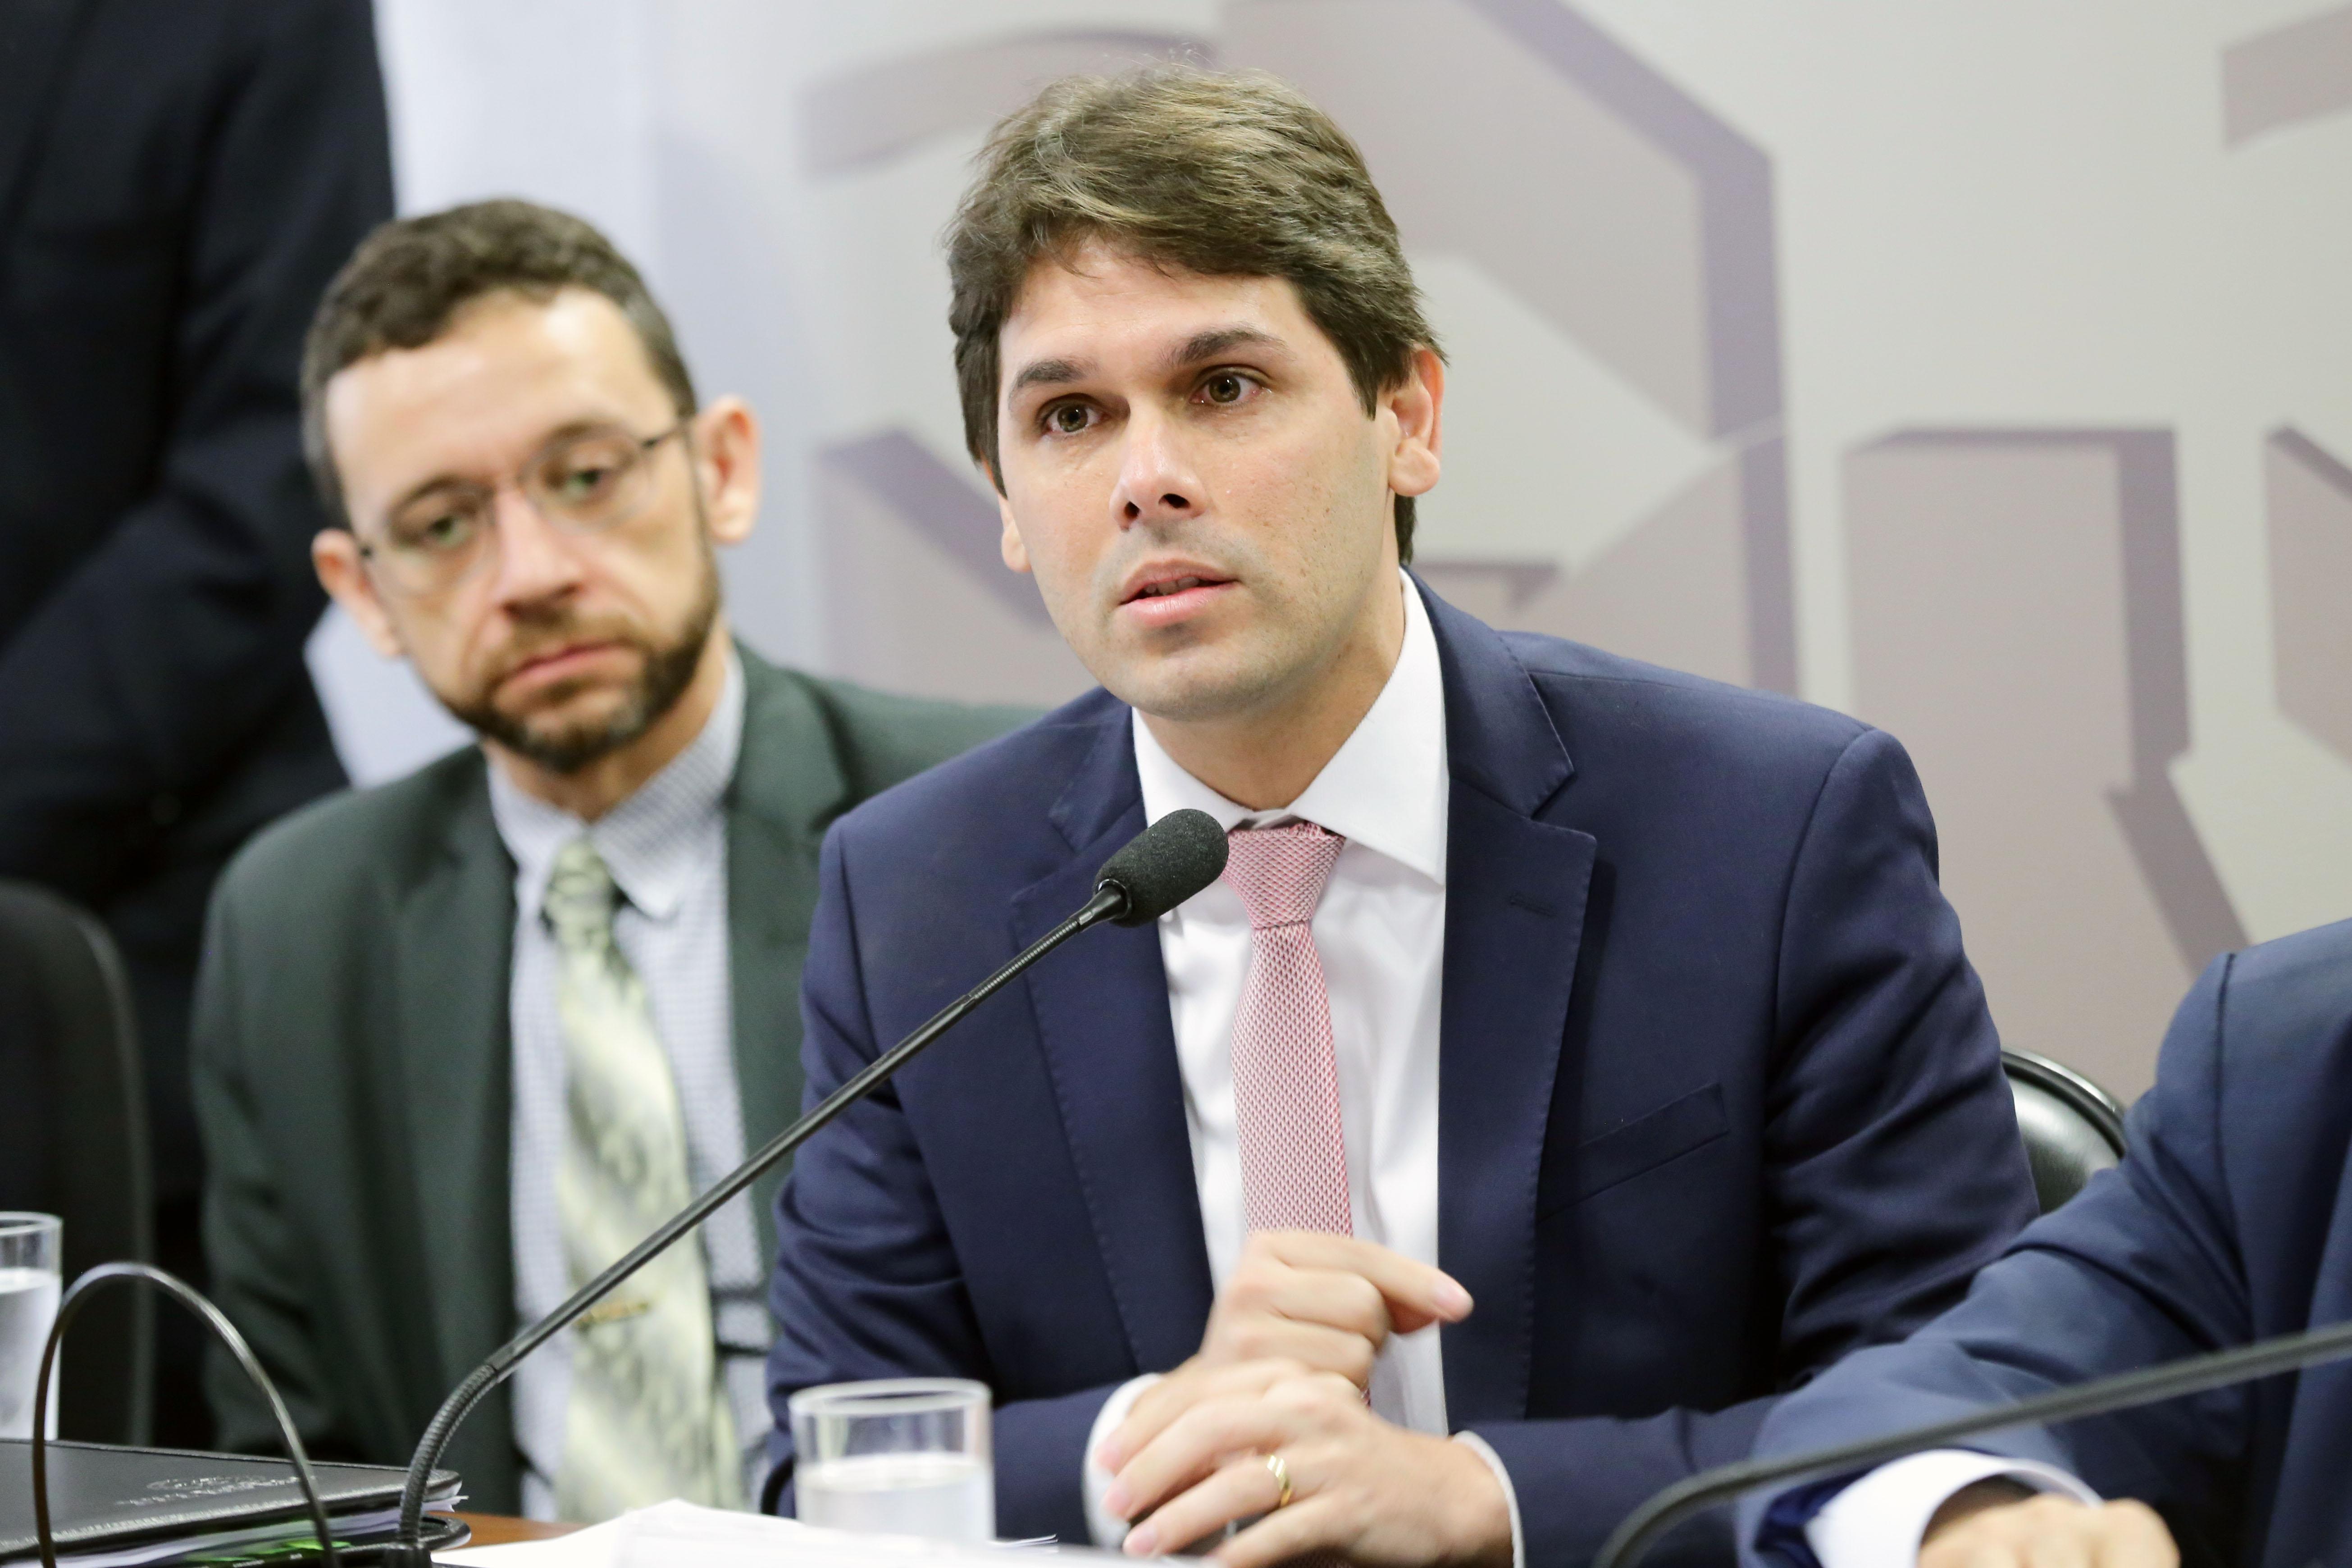 Audiência Pública Interativa. Presidente do Instituto Nacional do Seguro Social, Renato Vieira